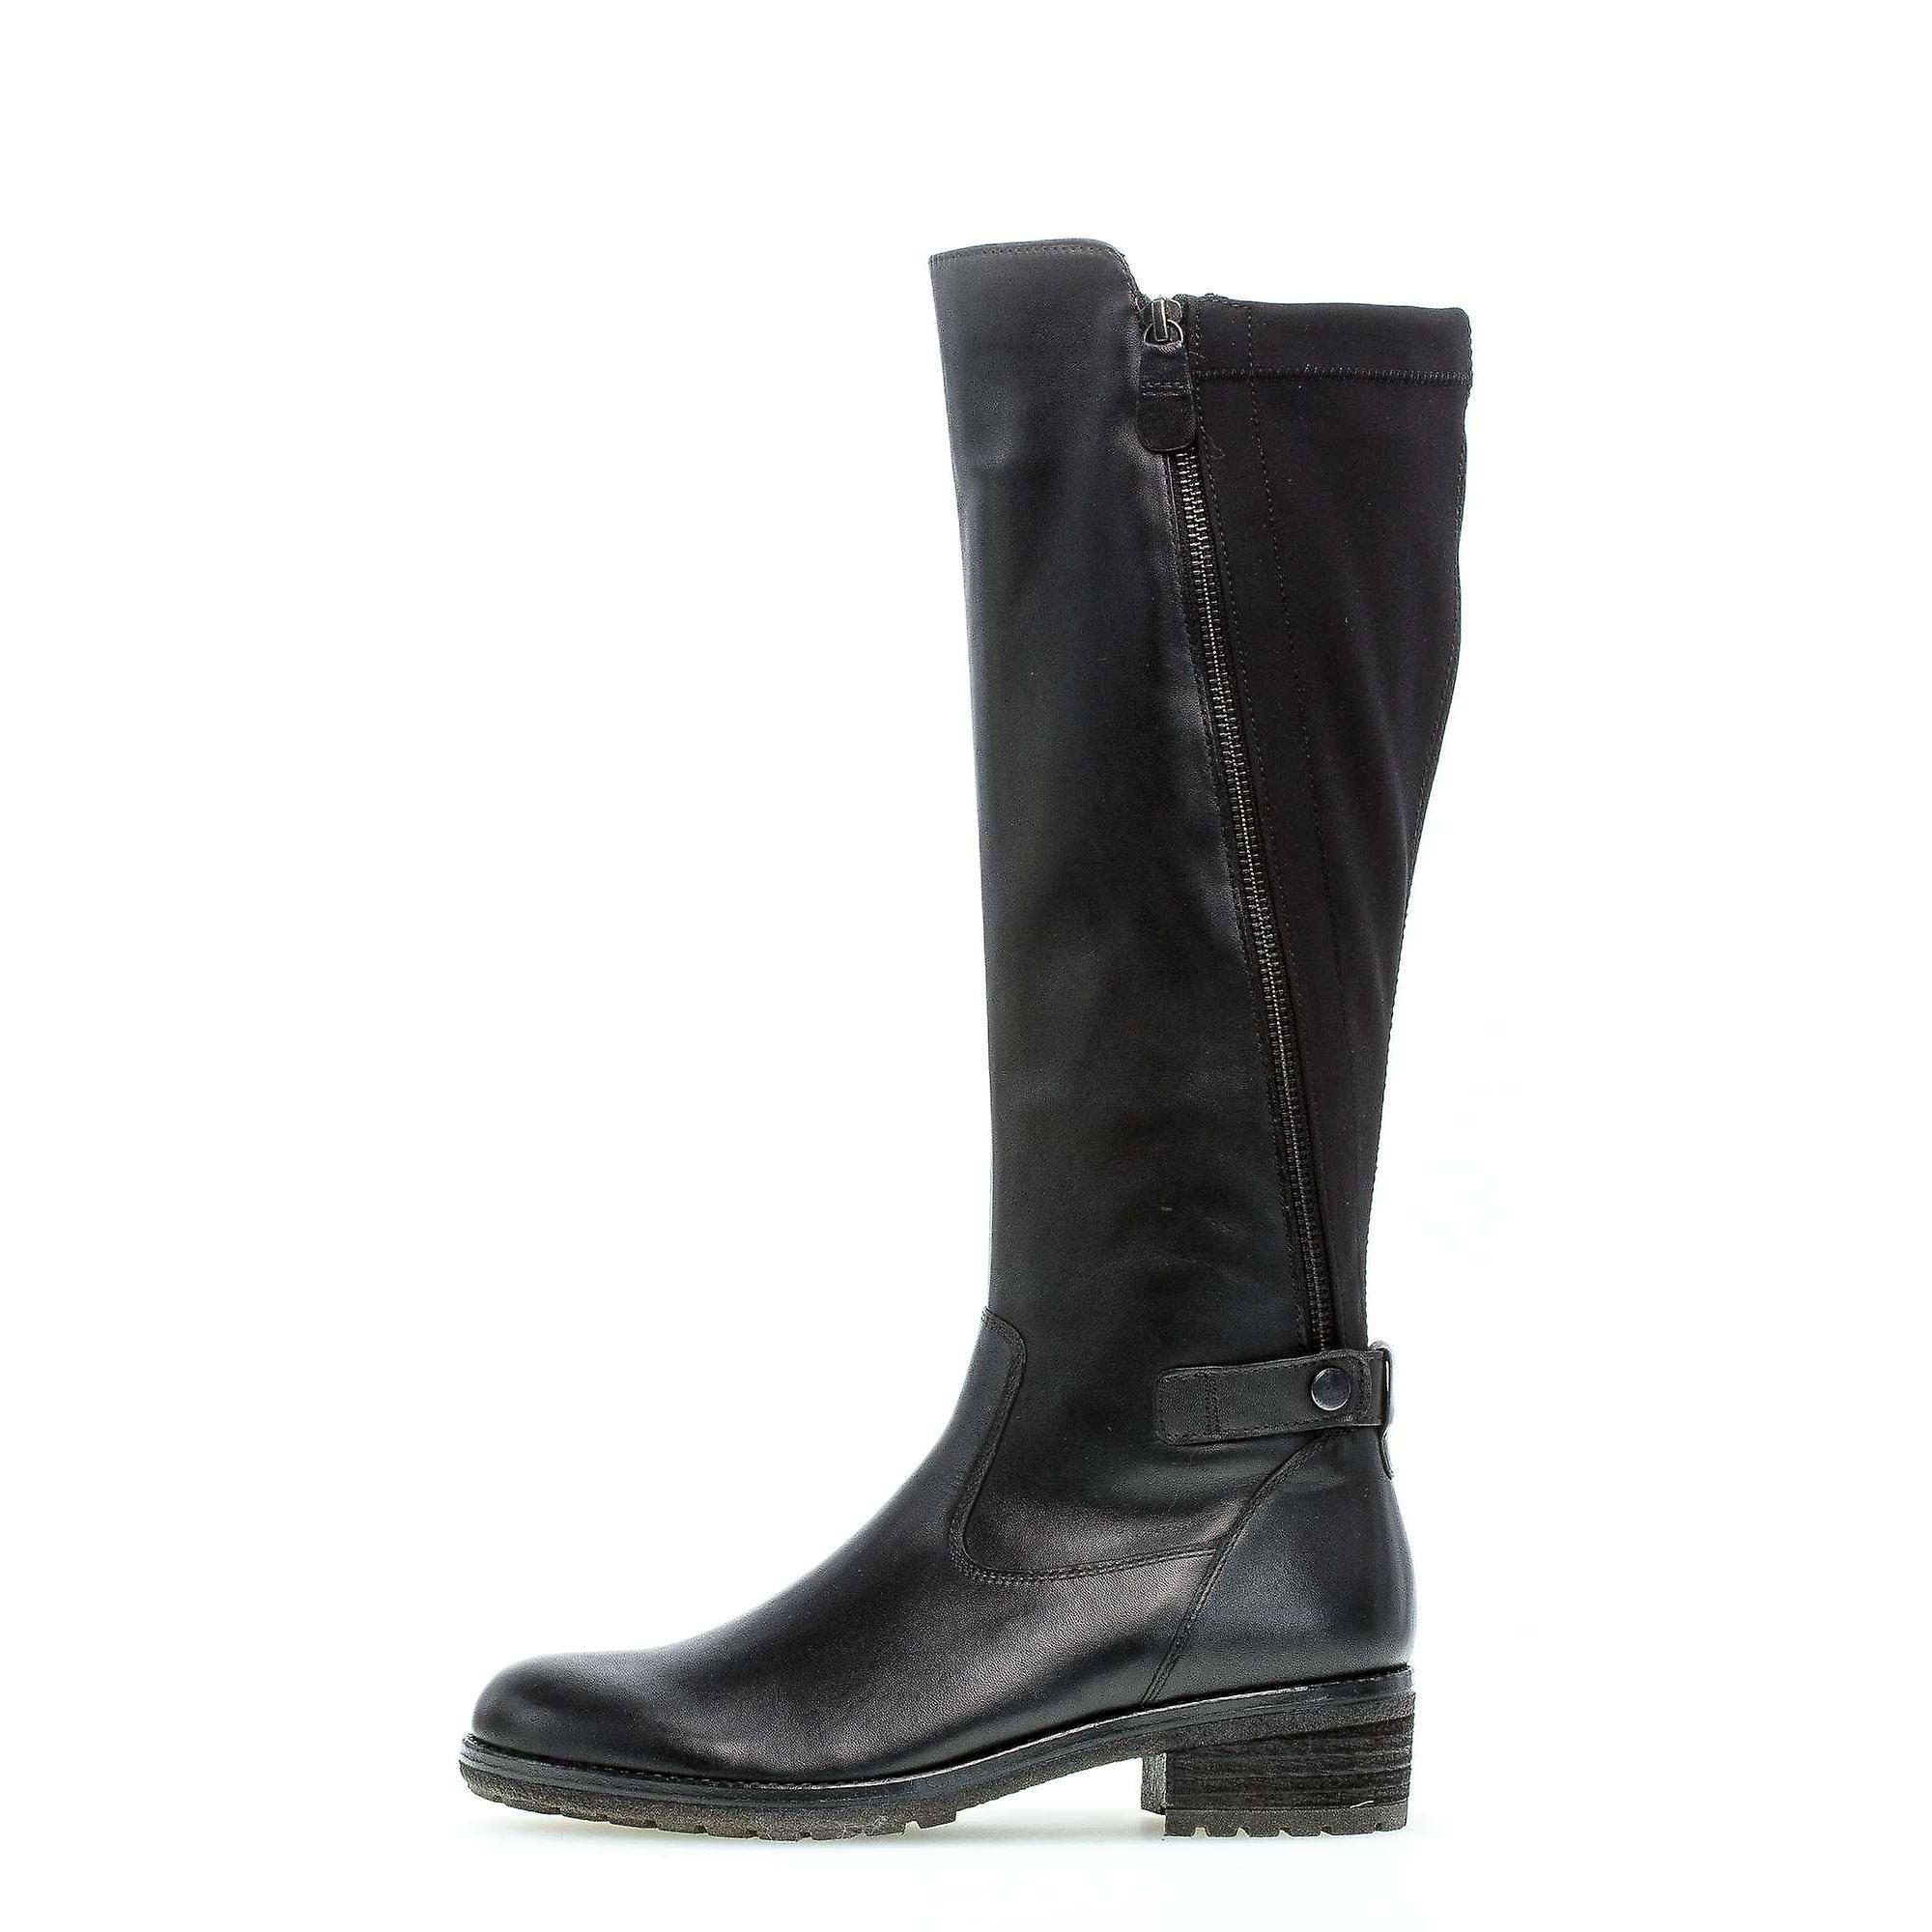 Gabor foulardcalfdankael schwarz boots womens black 002